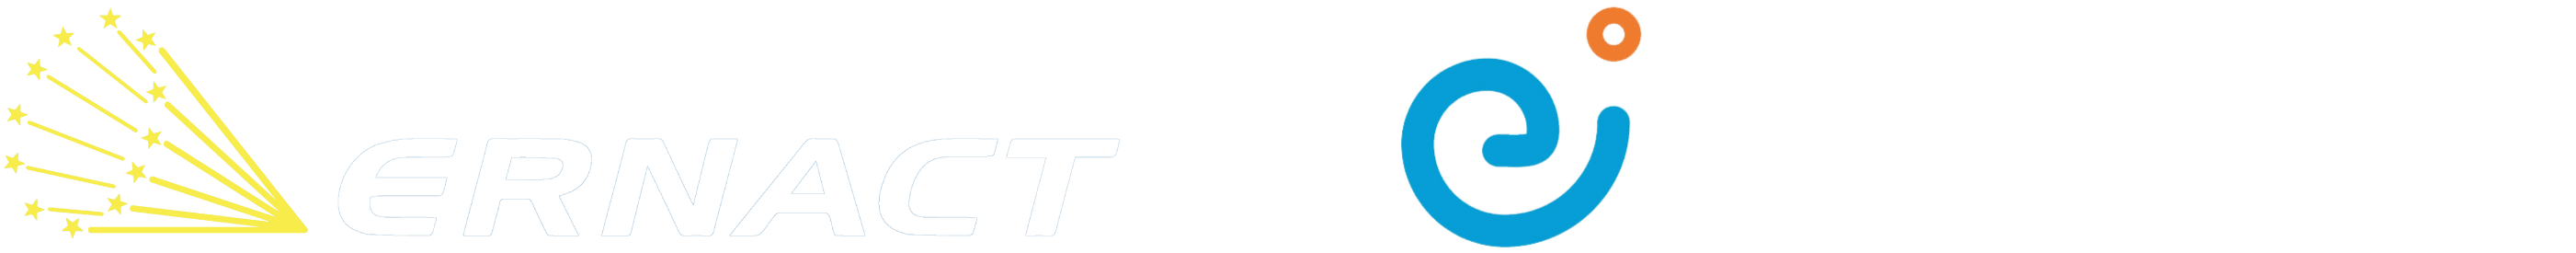 ernact-enterprise-ireland-logo